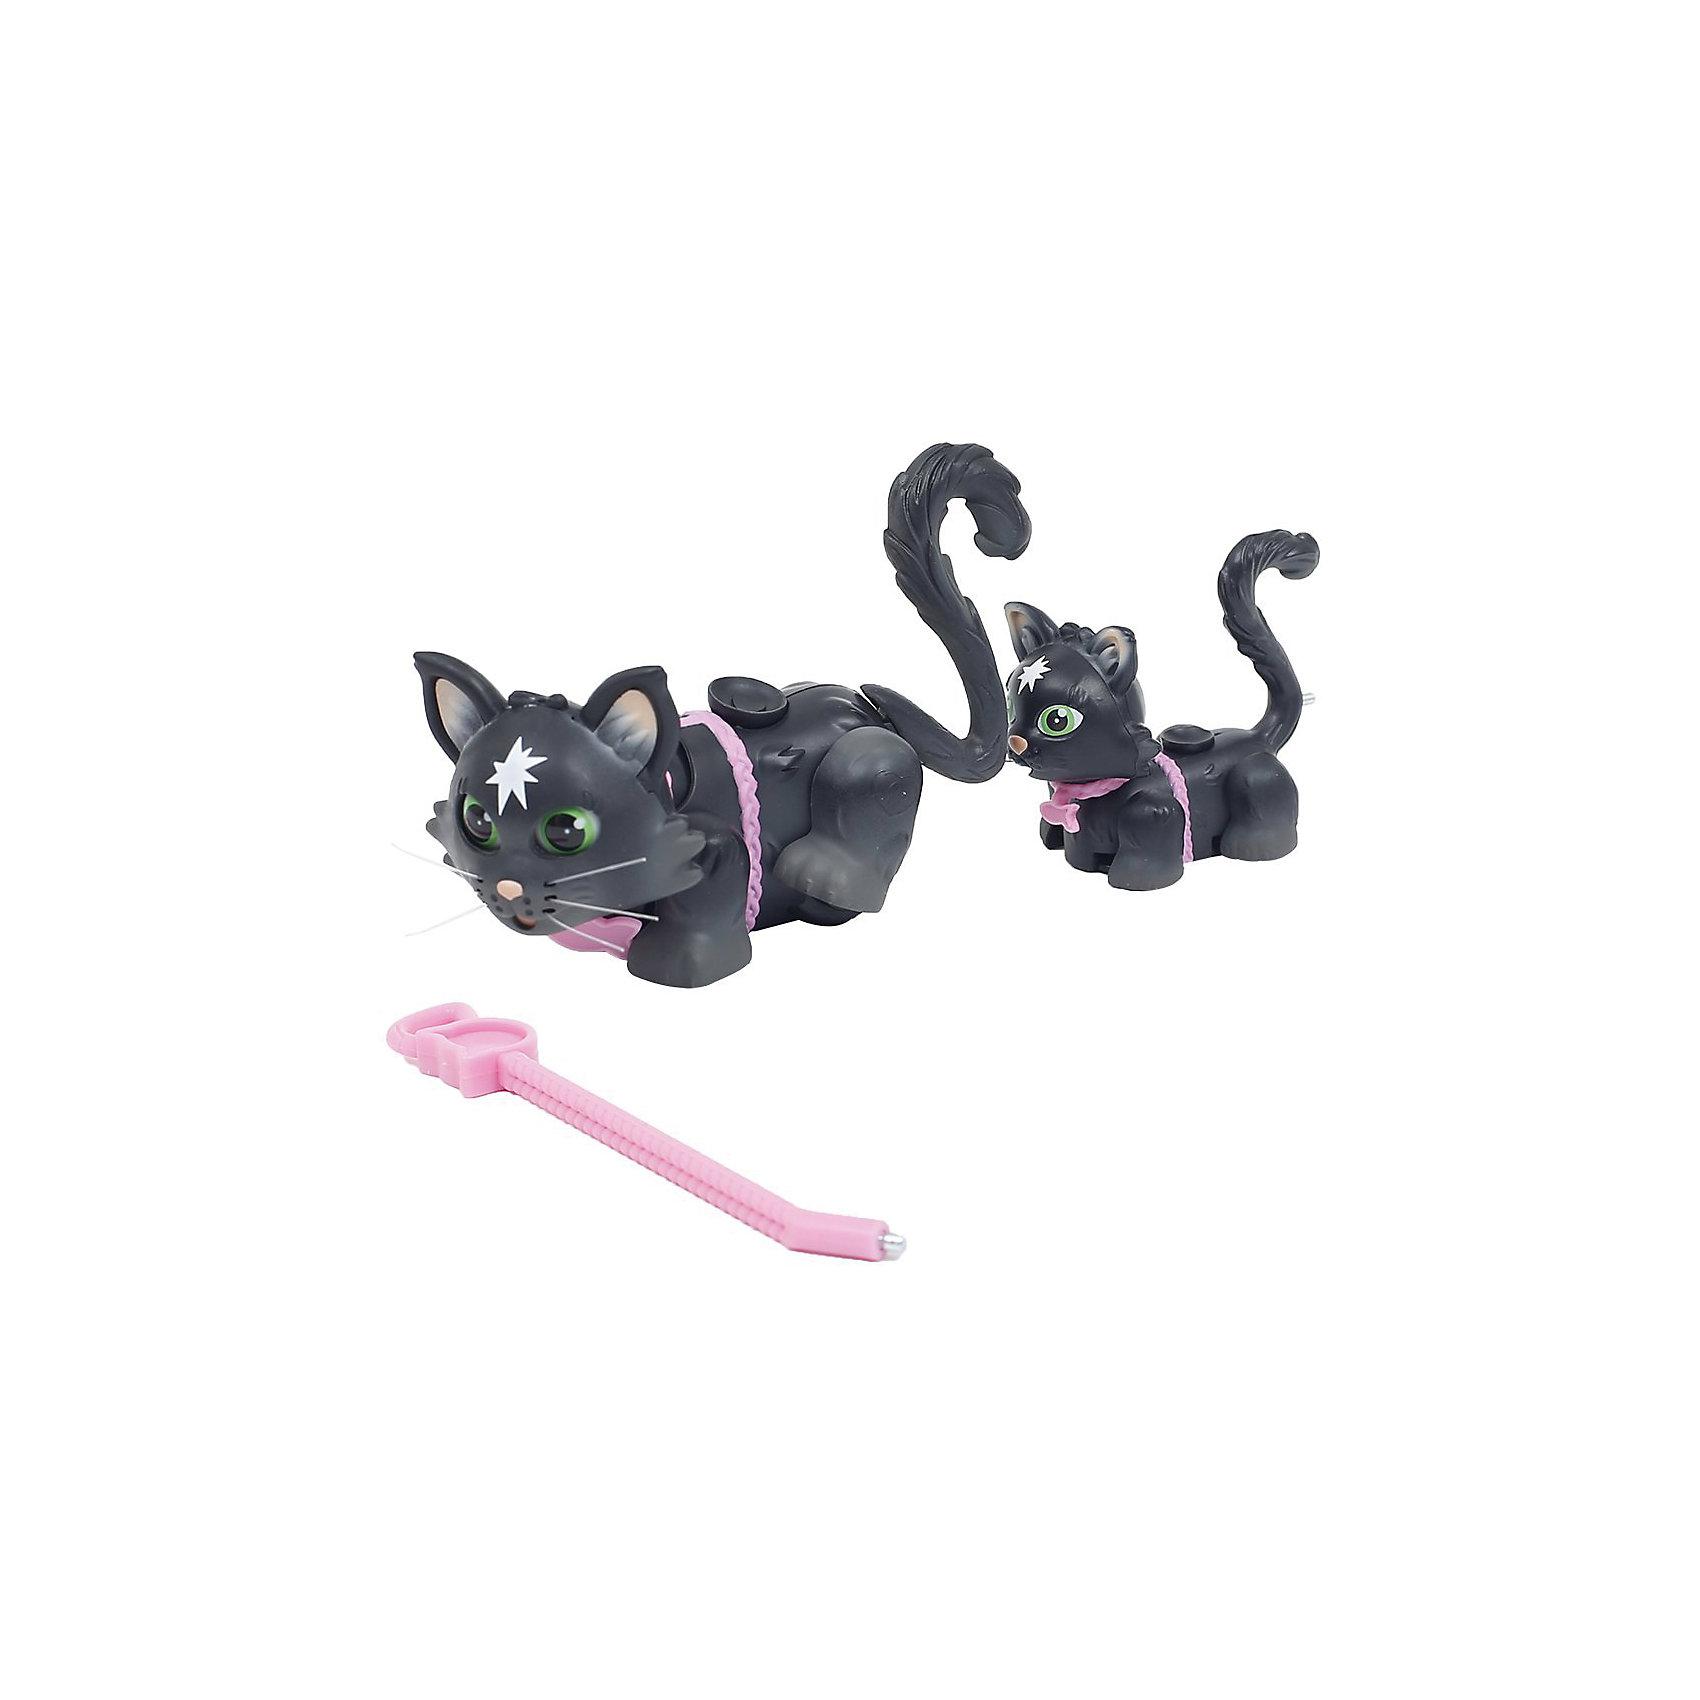 Игровой набор Семья черных кошек, Pet Club ParadeЛюбимые герои<br><br><br>Ширина мм: 260<br>Глубина мм: 210<br>Высота мм: 60<br>Вес г: 191<br>Возраст от месяцев: 108<br>Возраст до месяцев: 2147483647<br>Пол: Женский<br>Возраст: Детский<br>SKU: 6838688